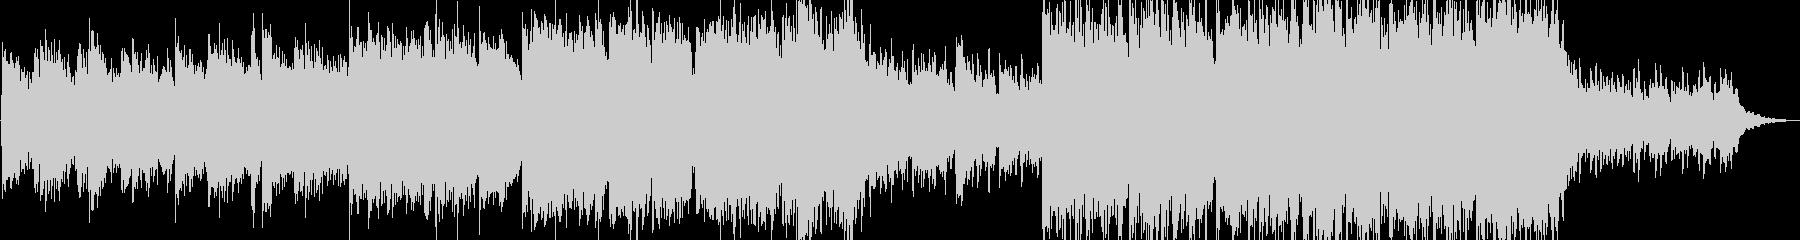 ロマンチックピアノ音楽の未再生の波形